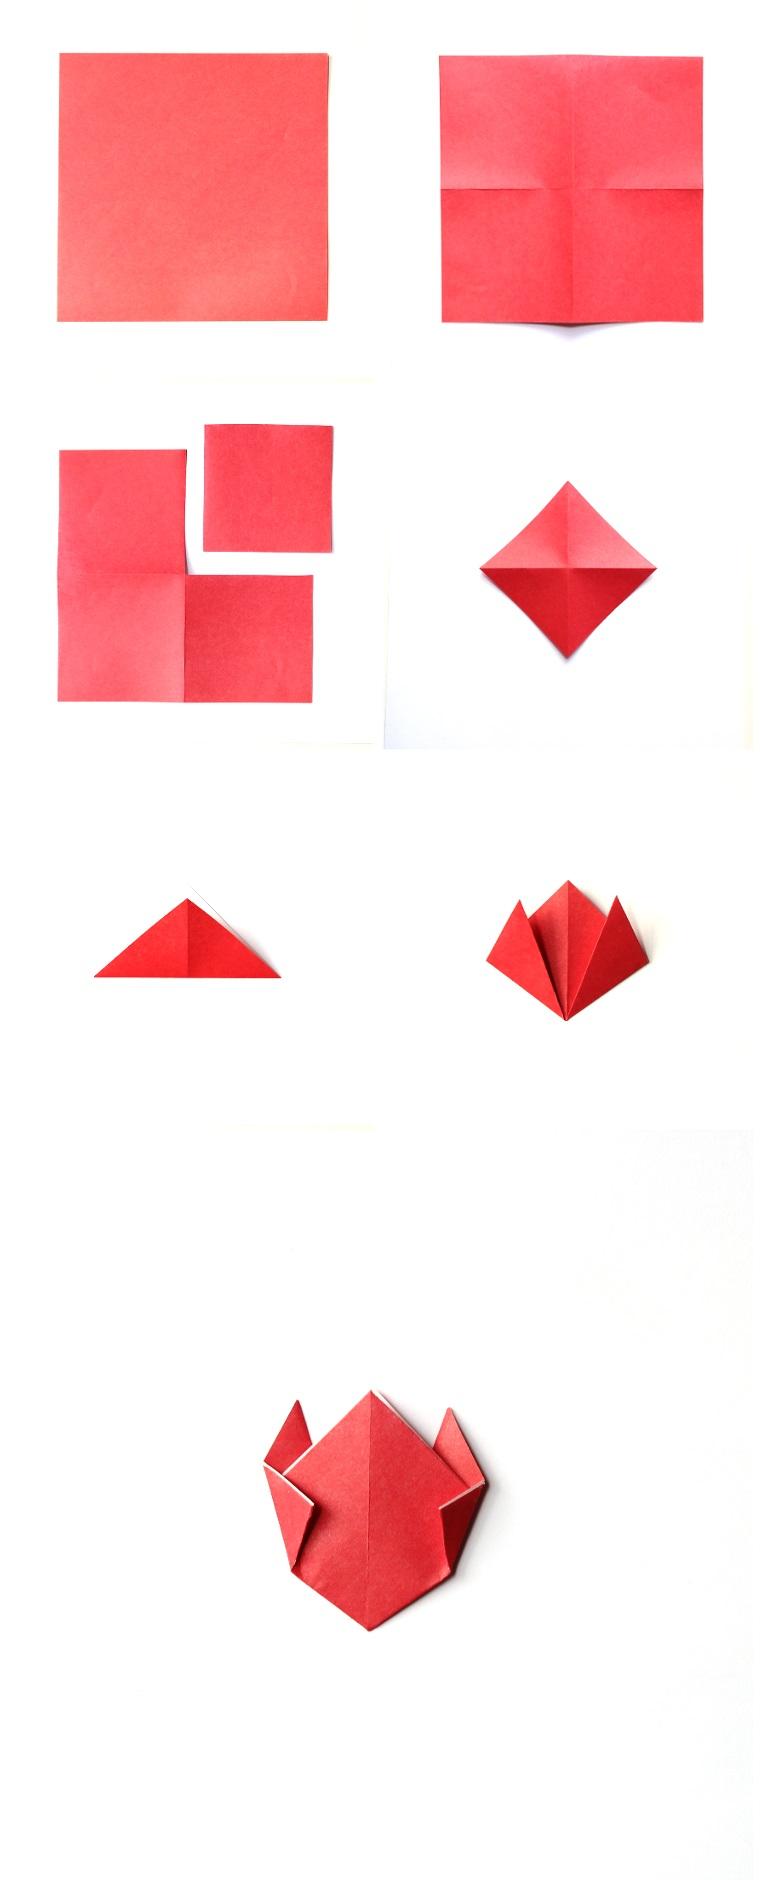 Piegare un foglio di carta di colore rosa, origami semplici, petali di fiore di carta